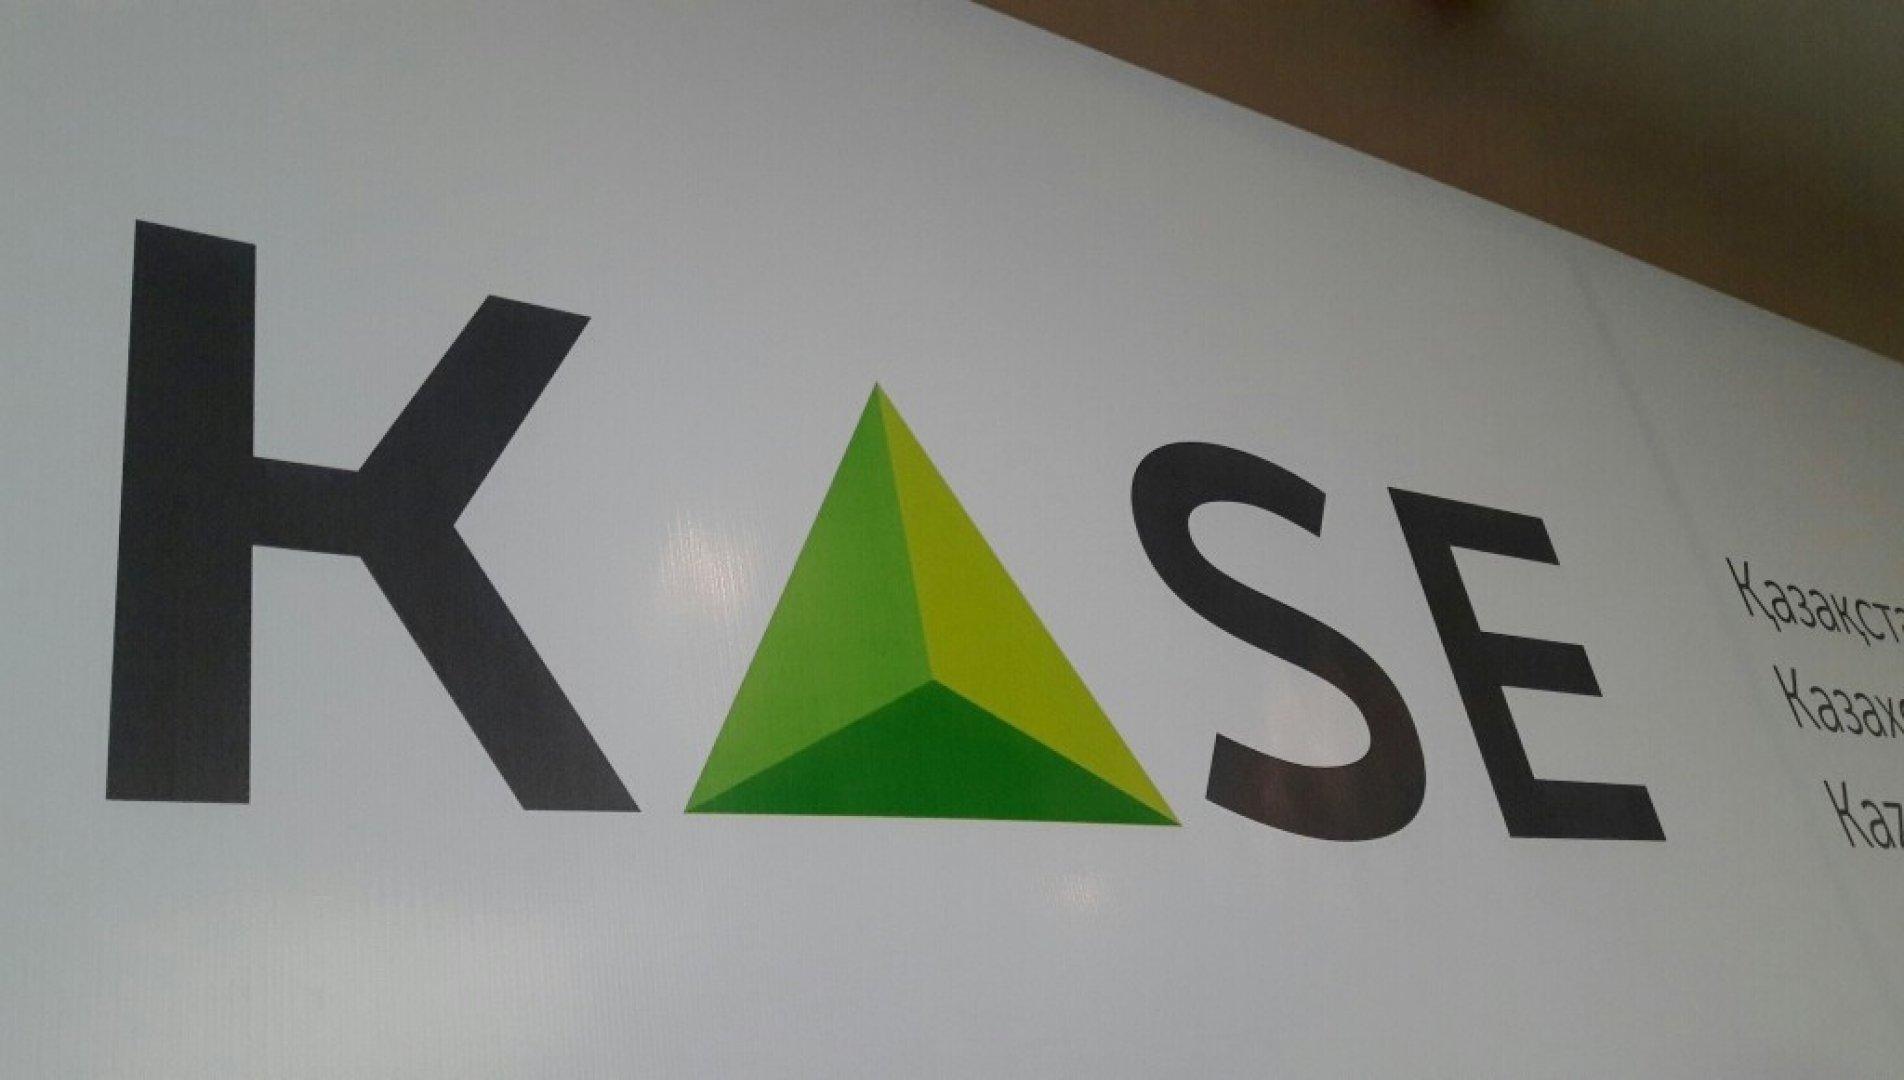 KASE ввела в эксплуатацию торгово-клиринговую систему ASTS+